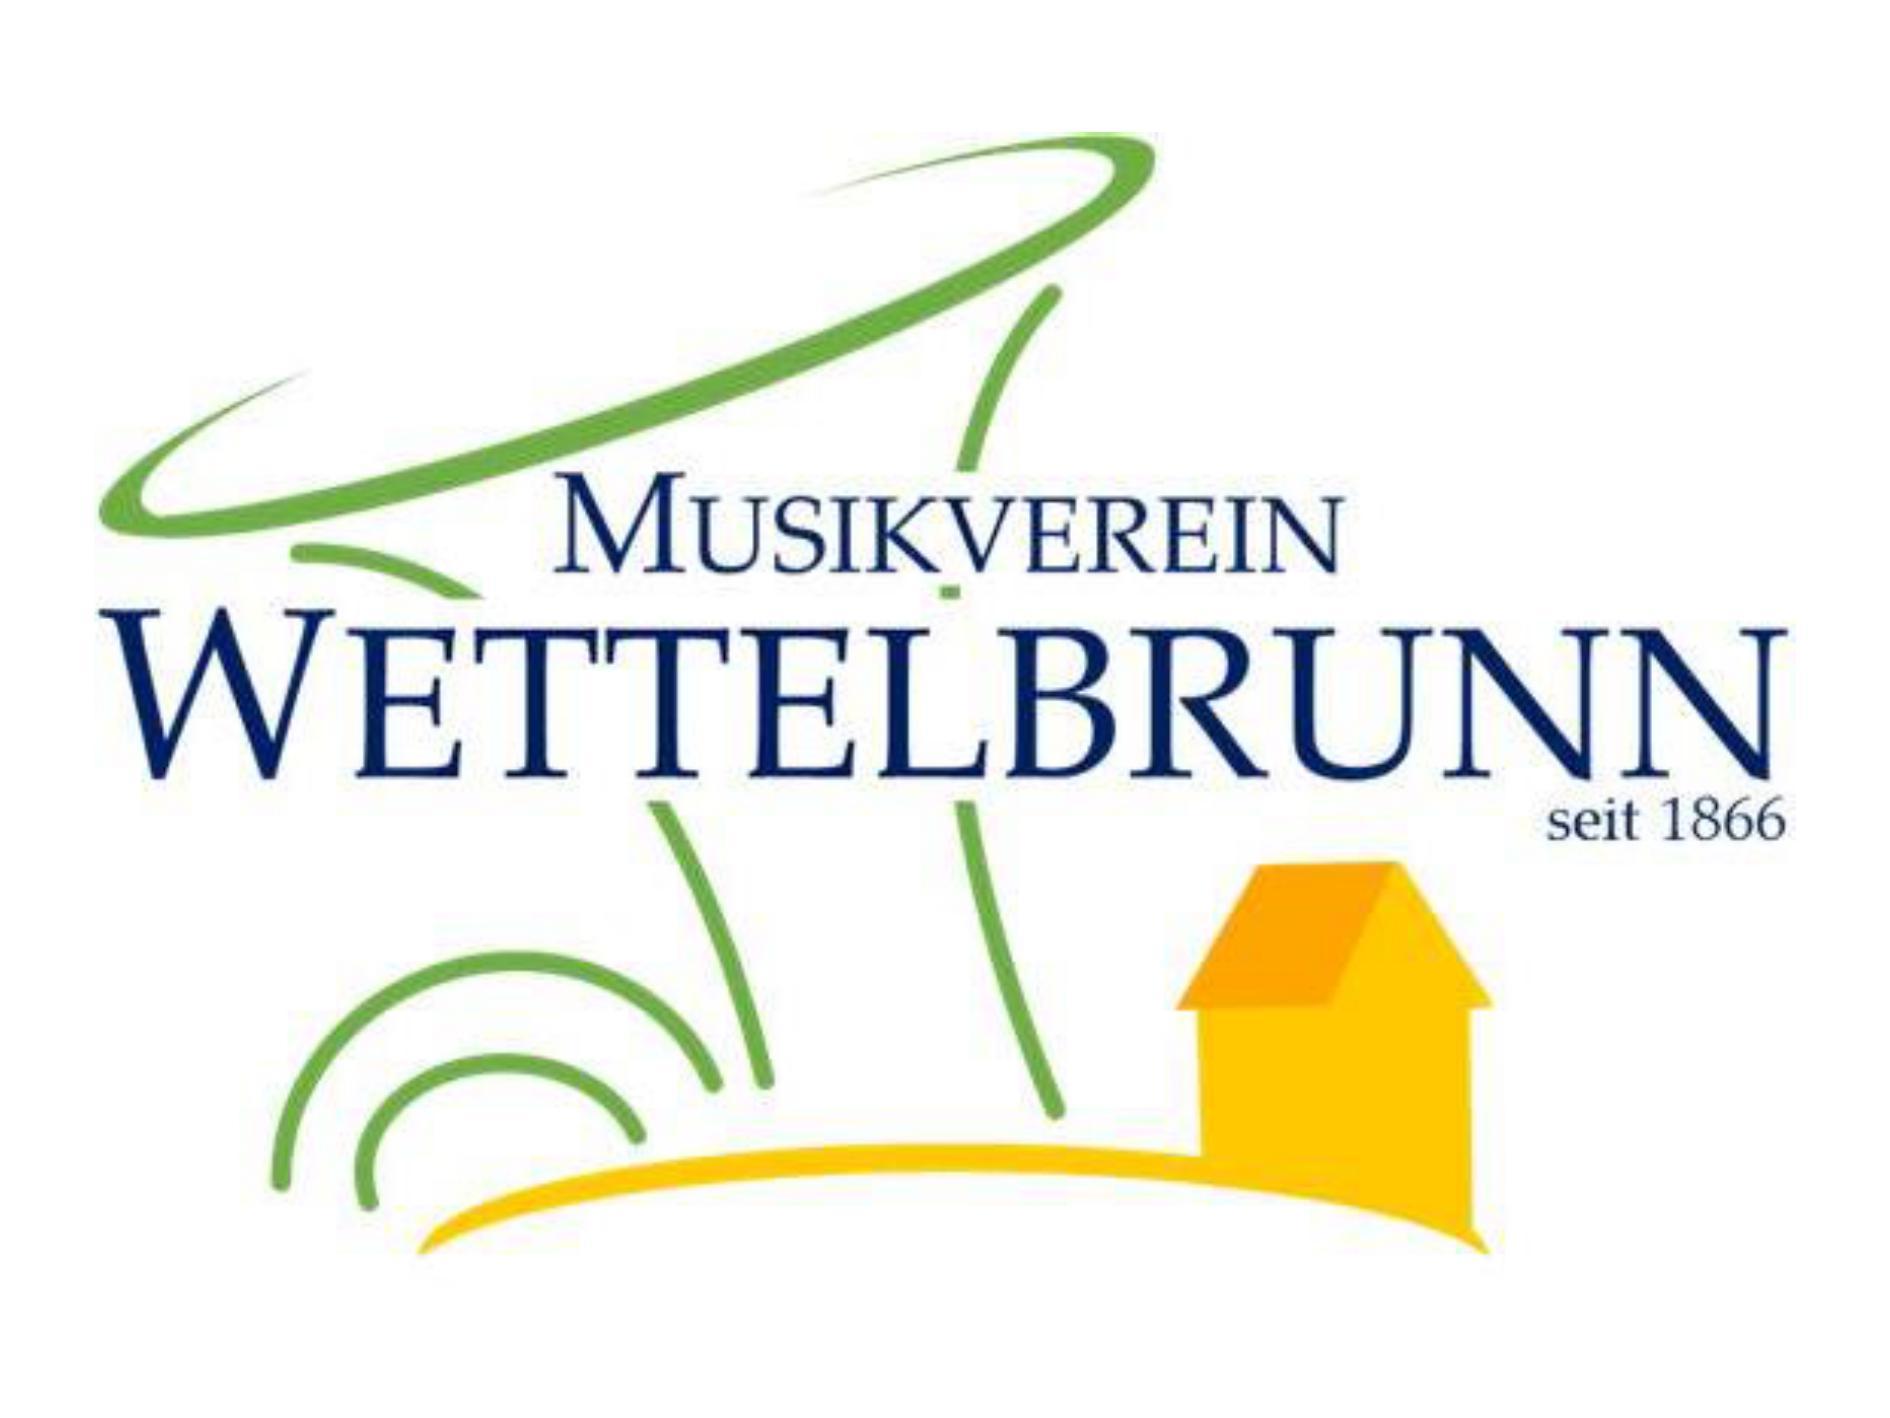 Musikverein Wettelbrunn